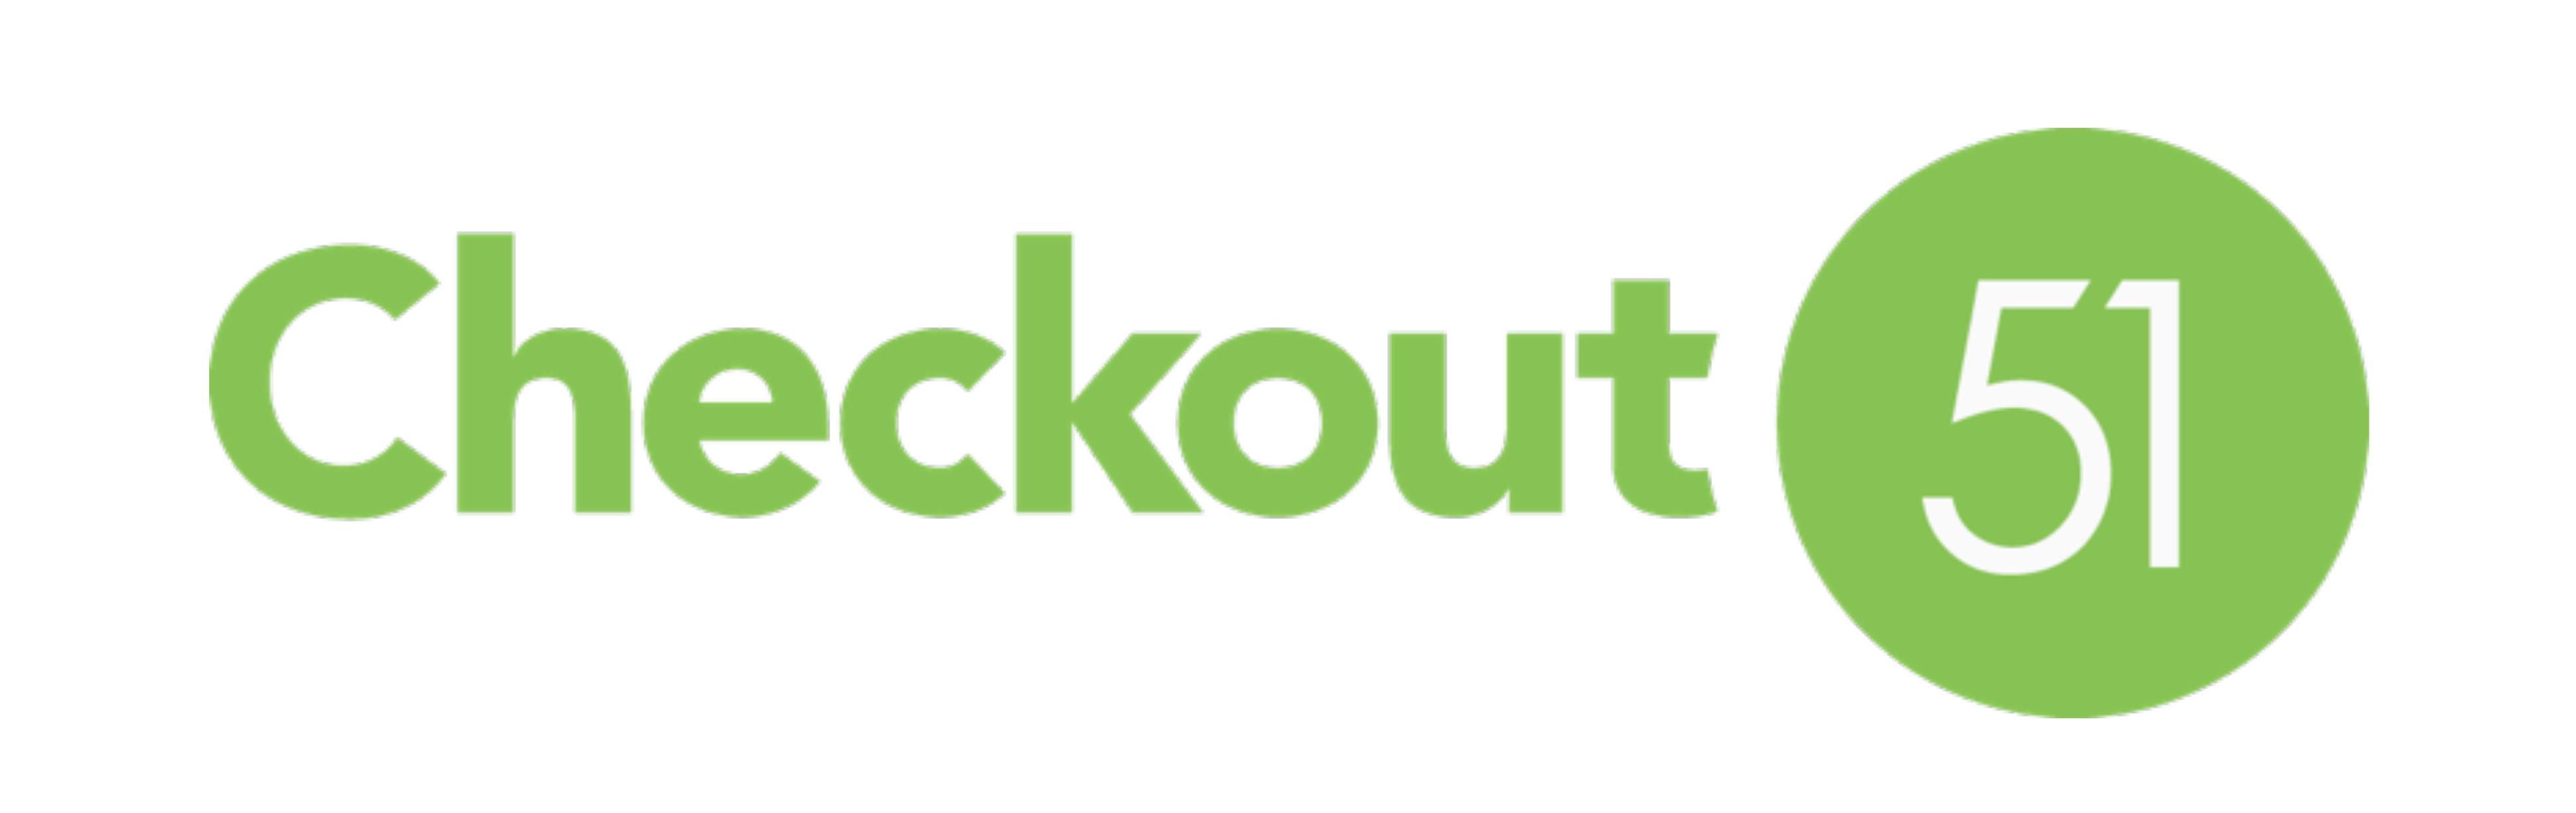 Checkout 51 logo.